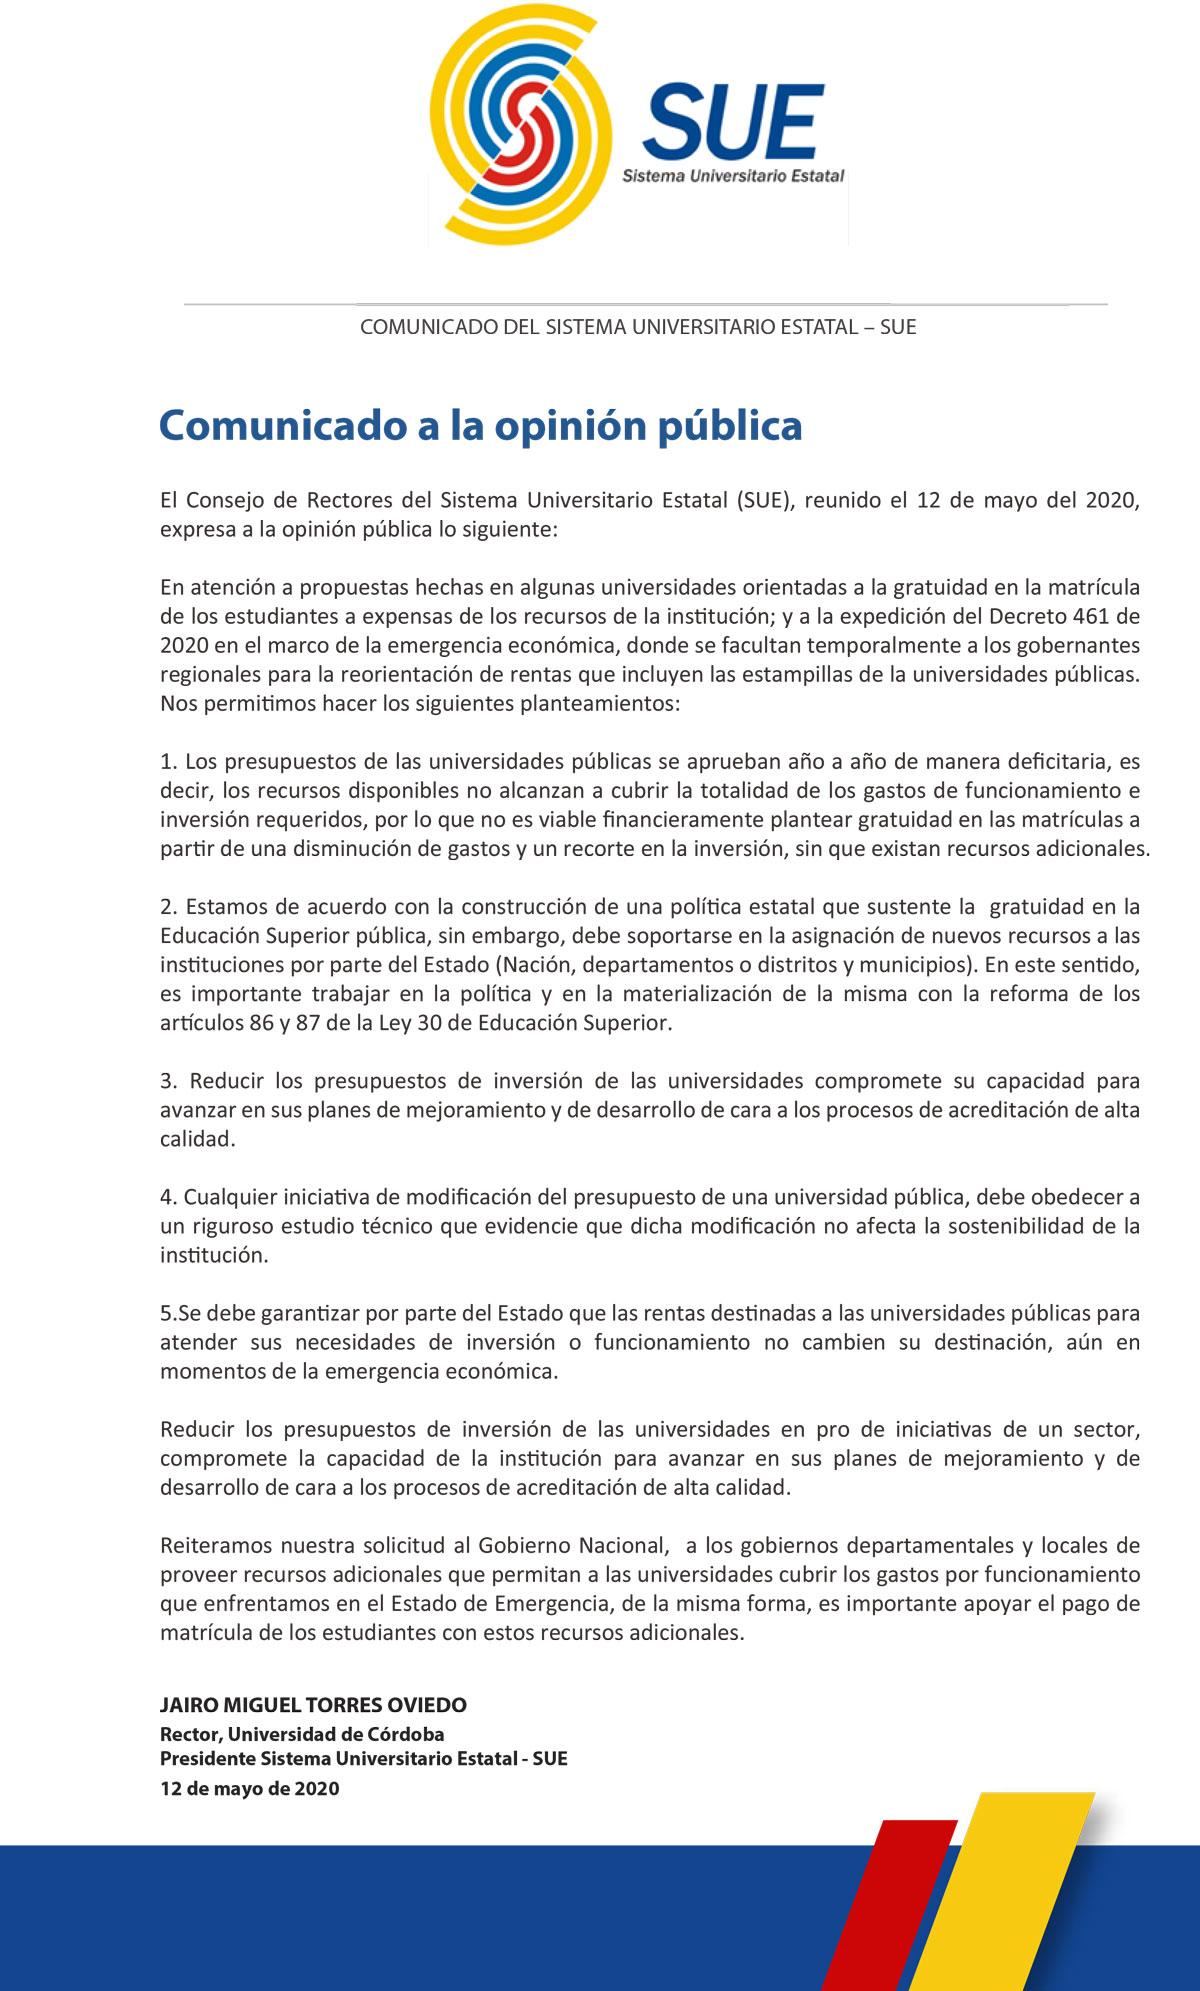 comunicado_sue_12_mayo